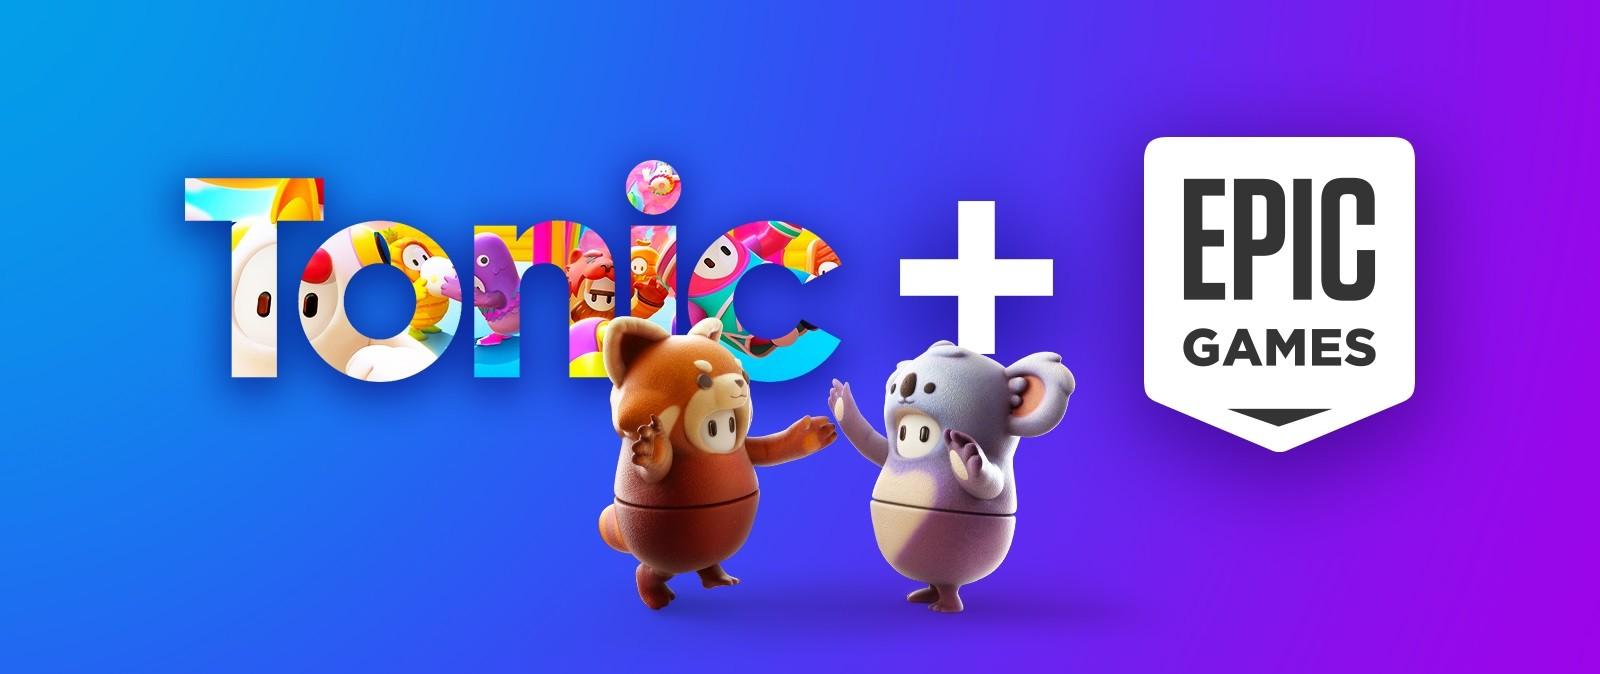 《糖豆人》第四季预告3月15日发布 将开启双倍声望